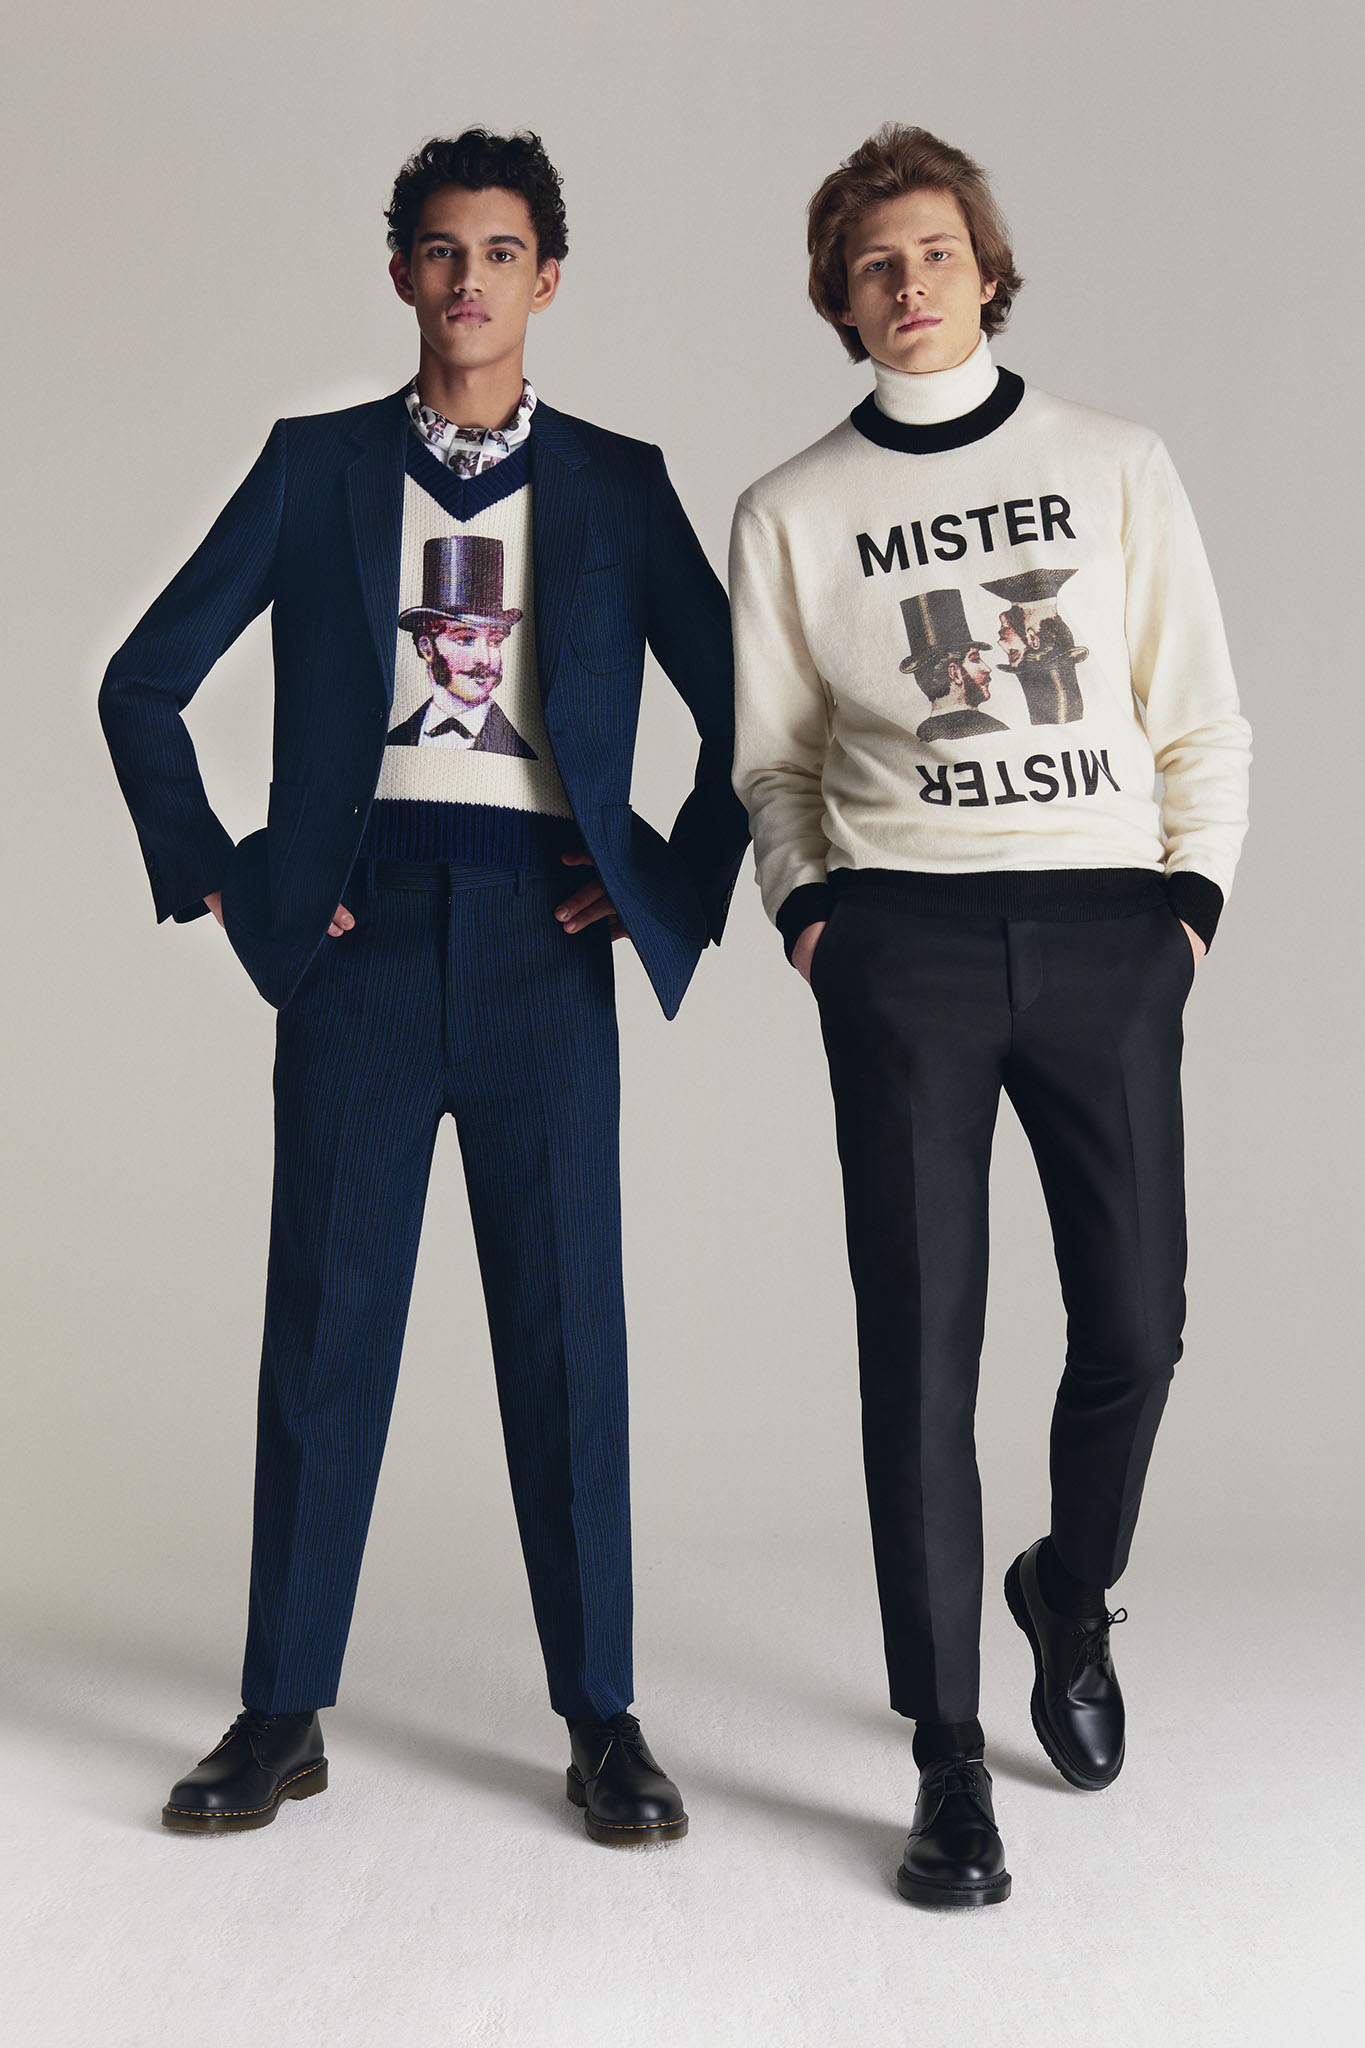 Looks from Viktor & Rolf's Mister Mister line.